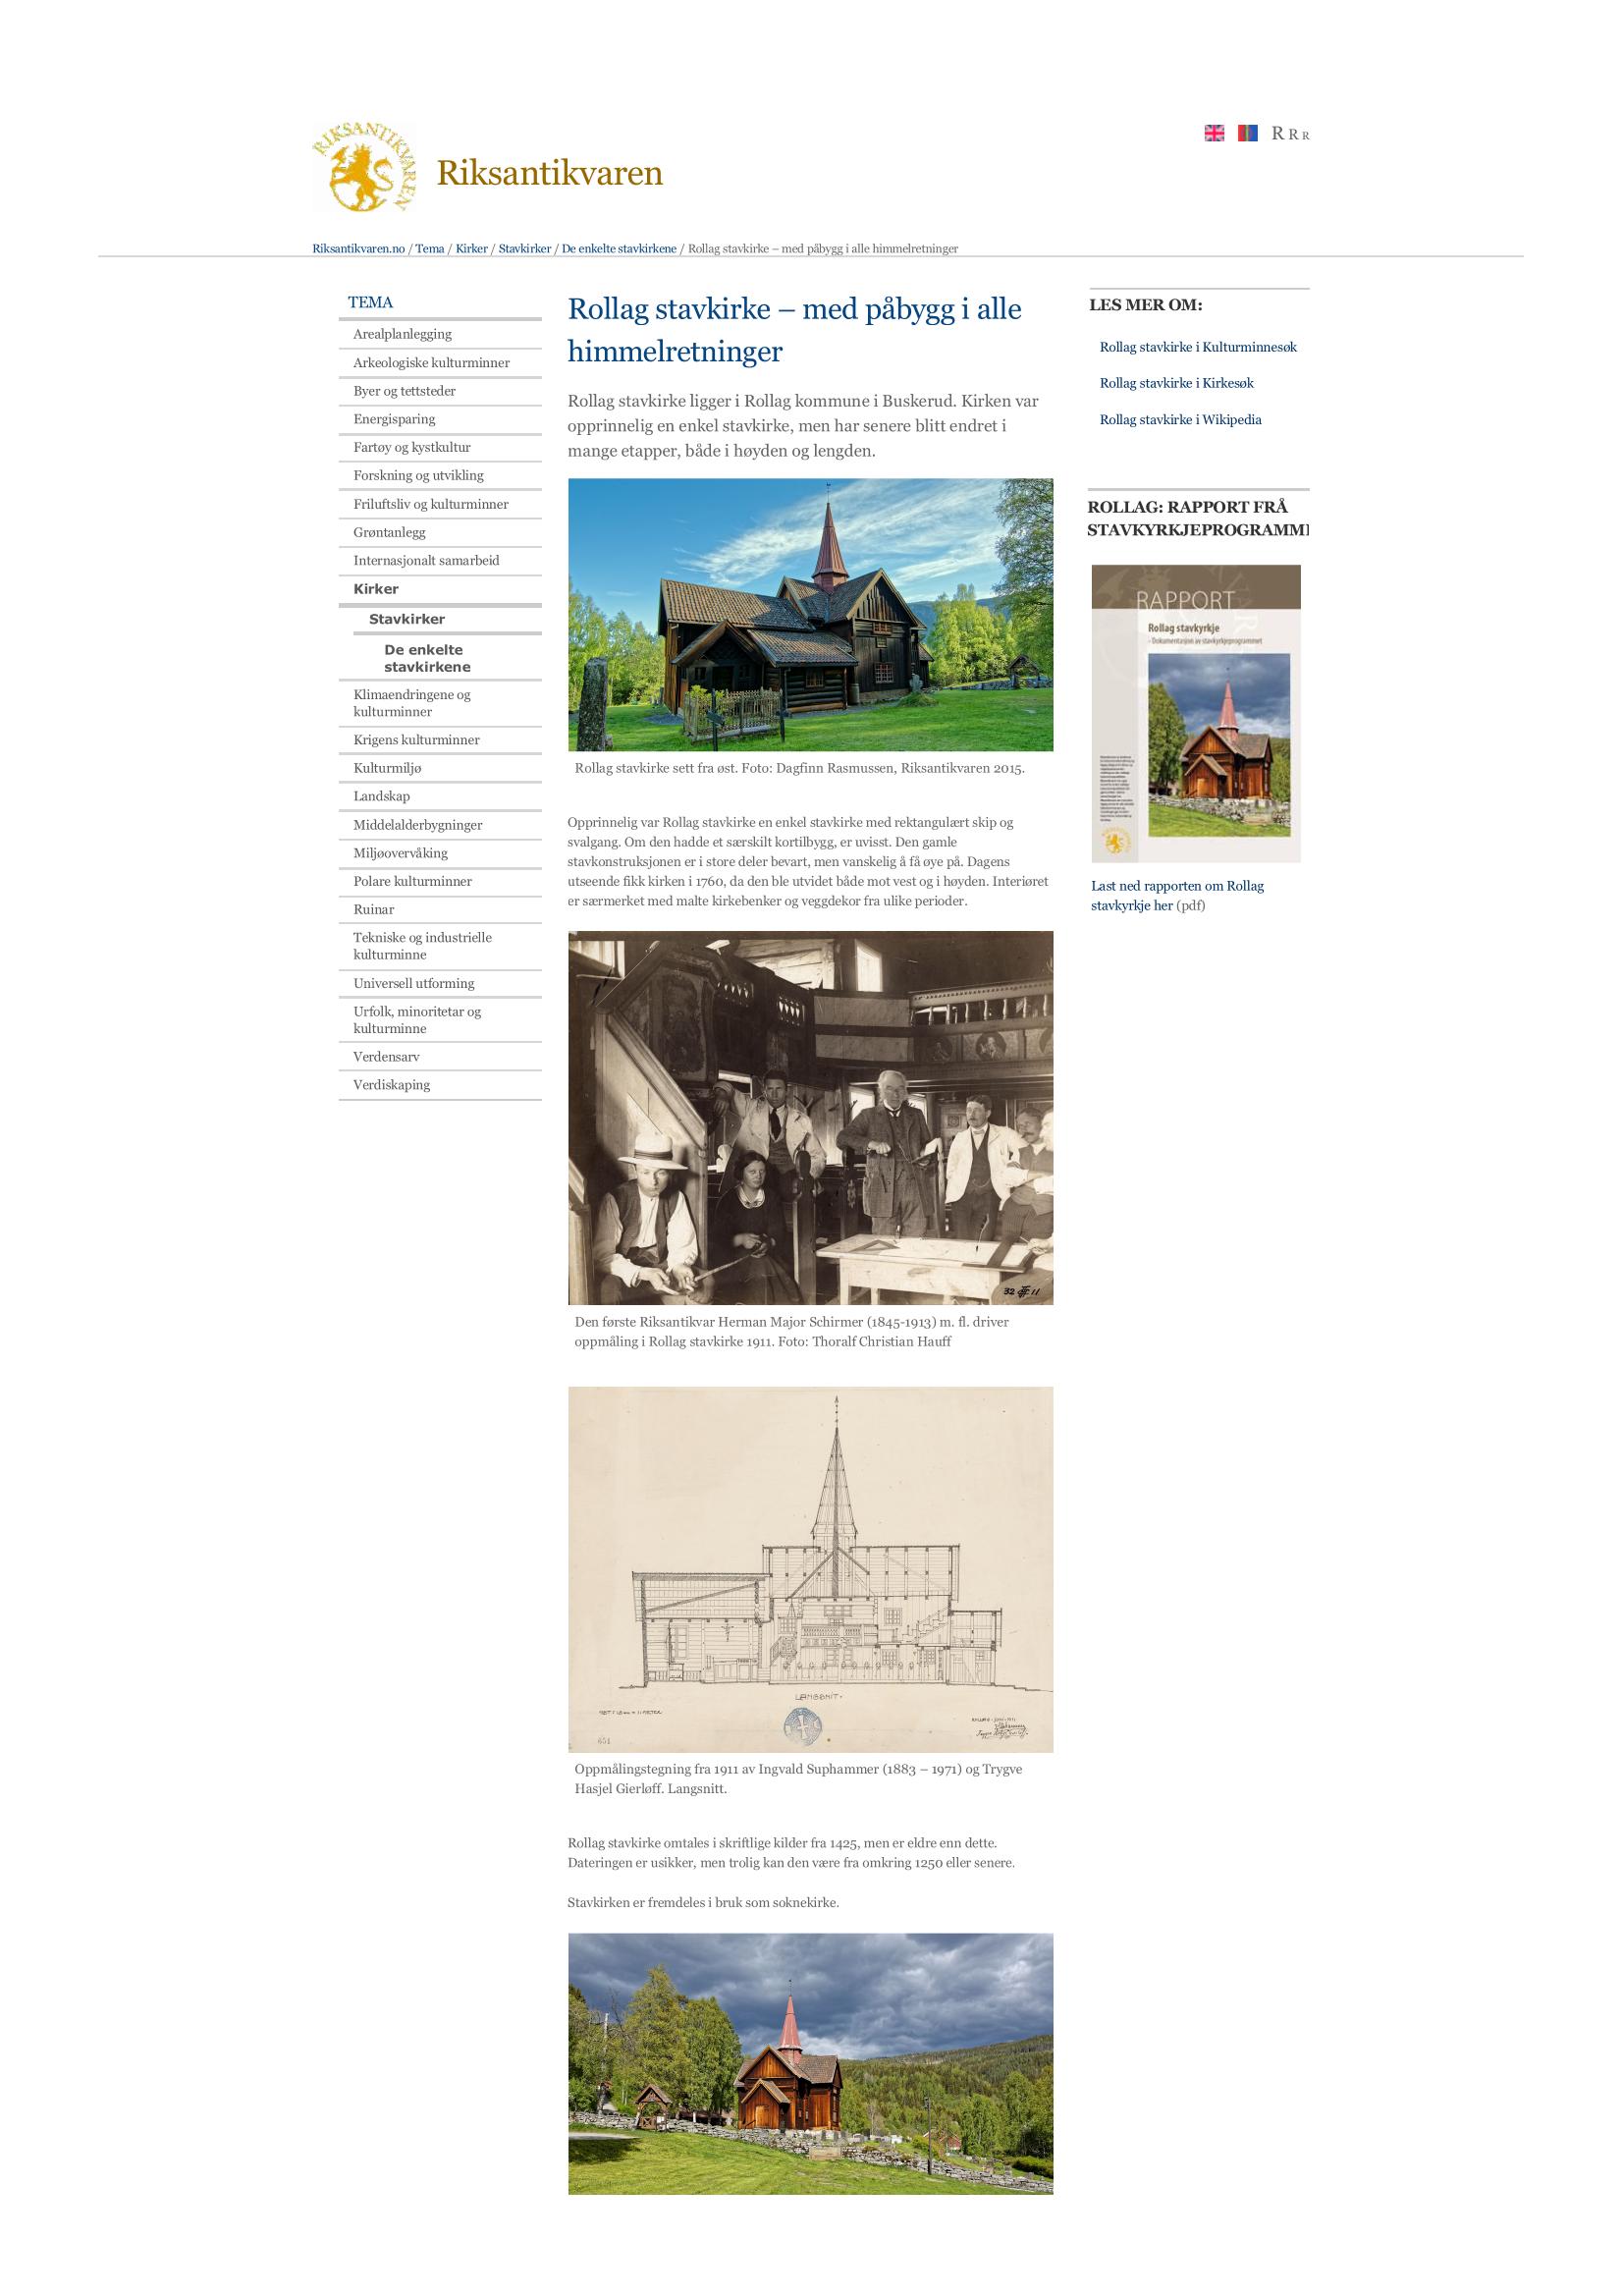 Rollag stavkirke – med påbygg i alle himmelretninger - Riksanti_Page_1